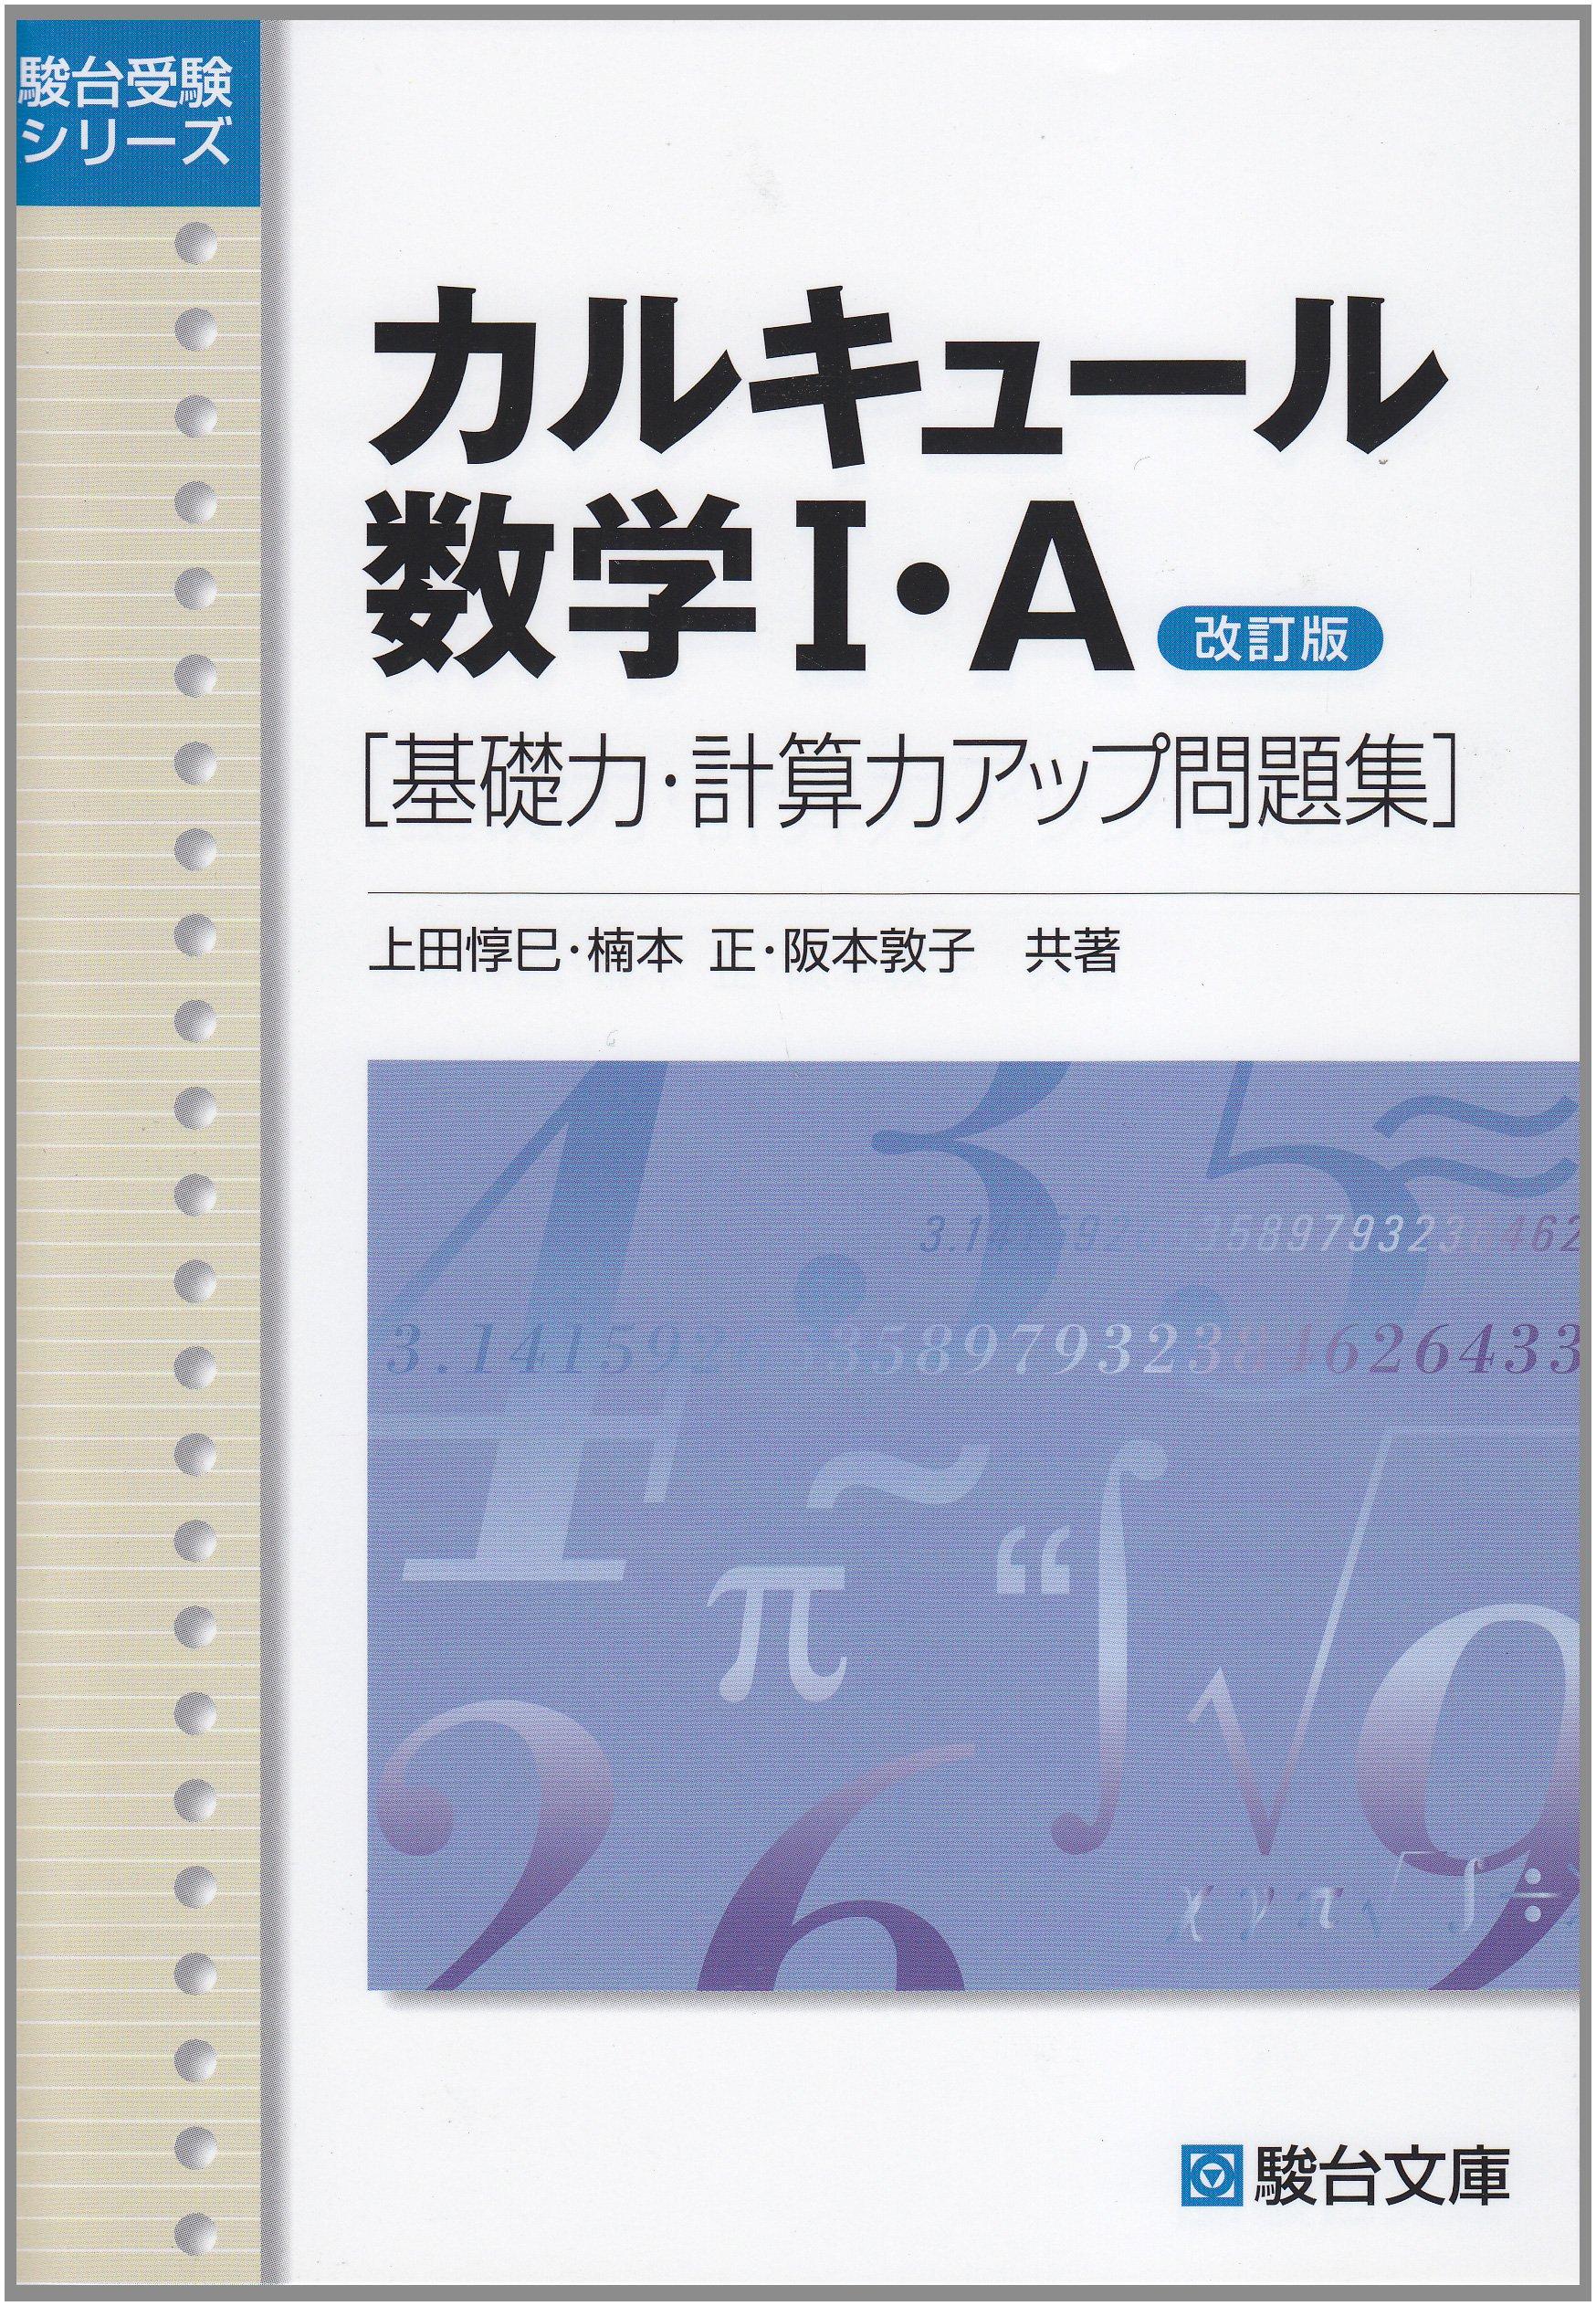 数学の計算力を鍛えるためのおすすめ問題集『カルキュール 数学Ⅰ・A』